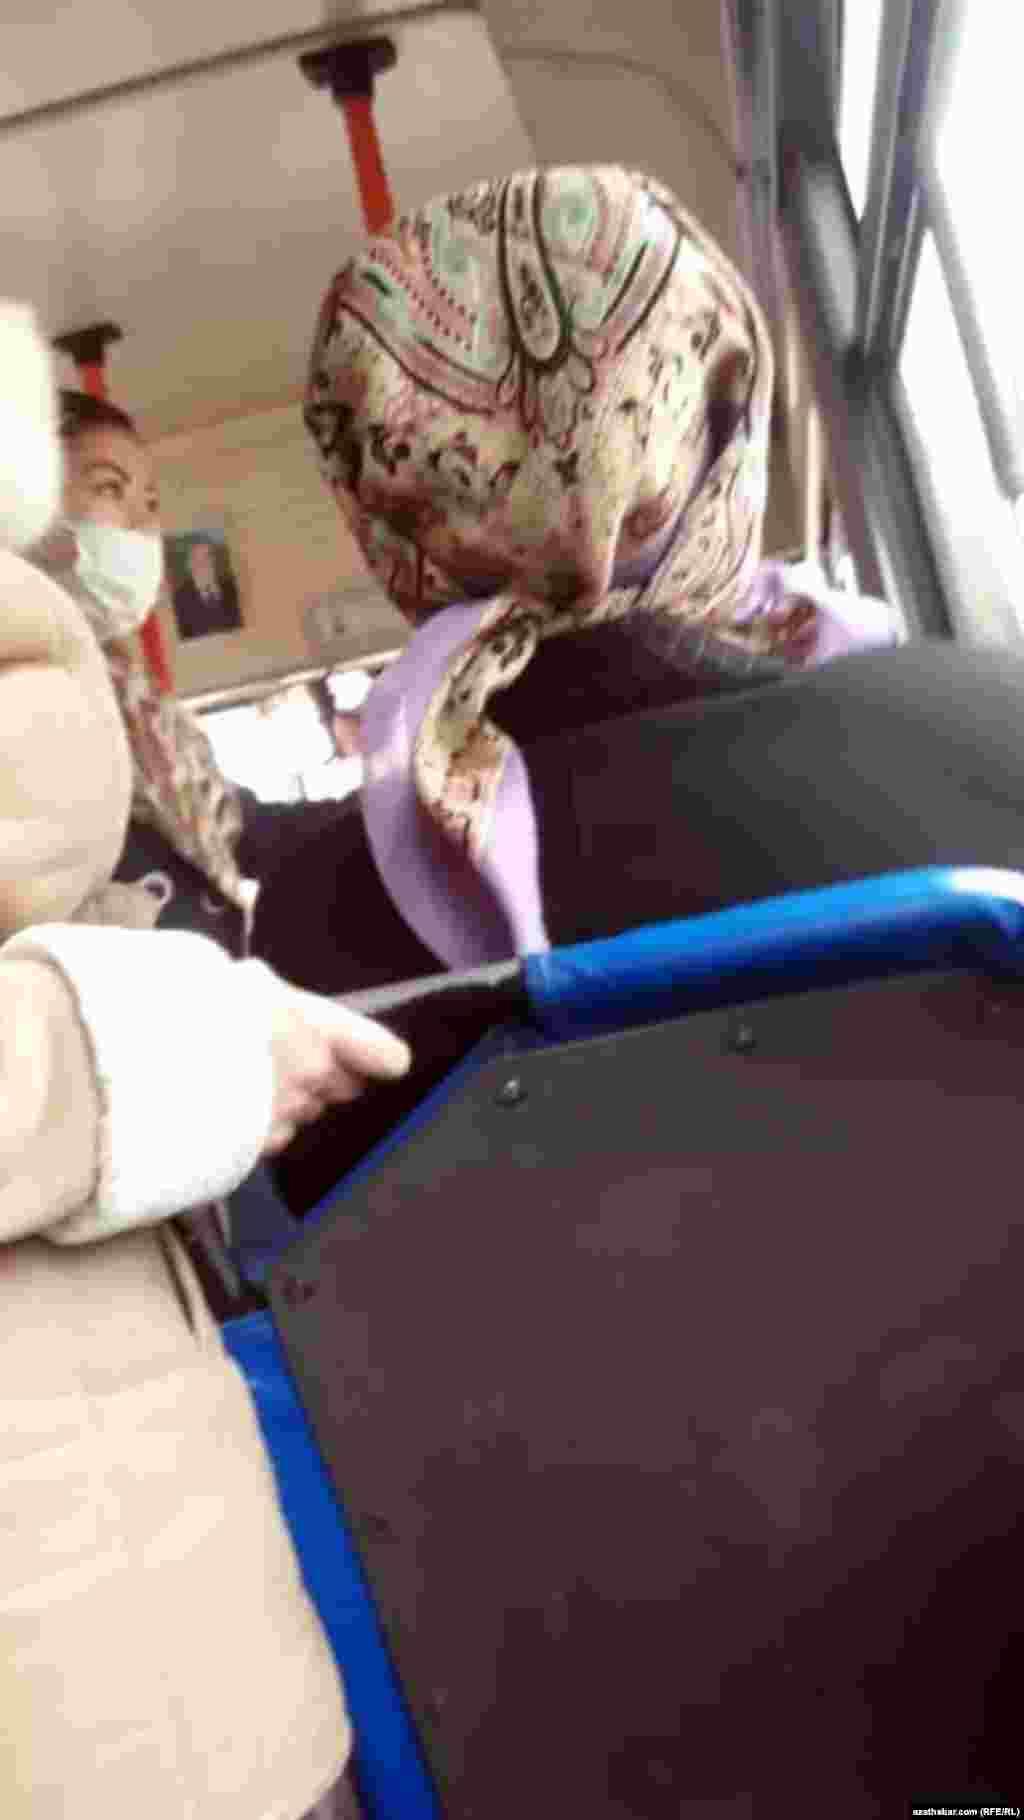 Passengers on board a bus in Ashgabat, Turkmenistan